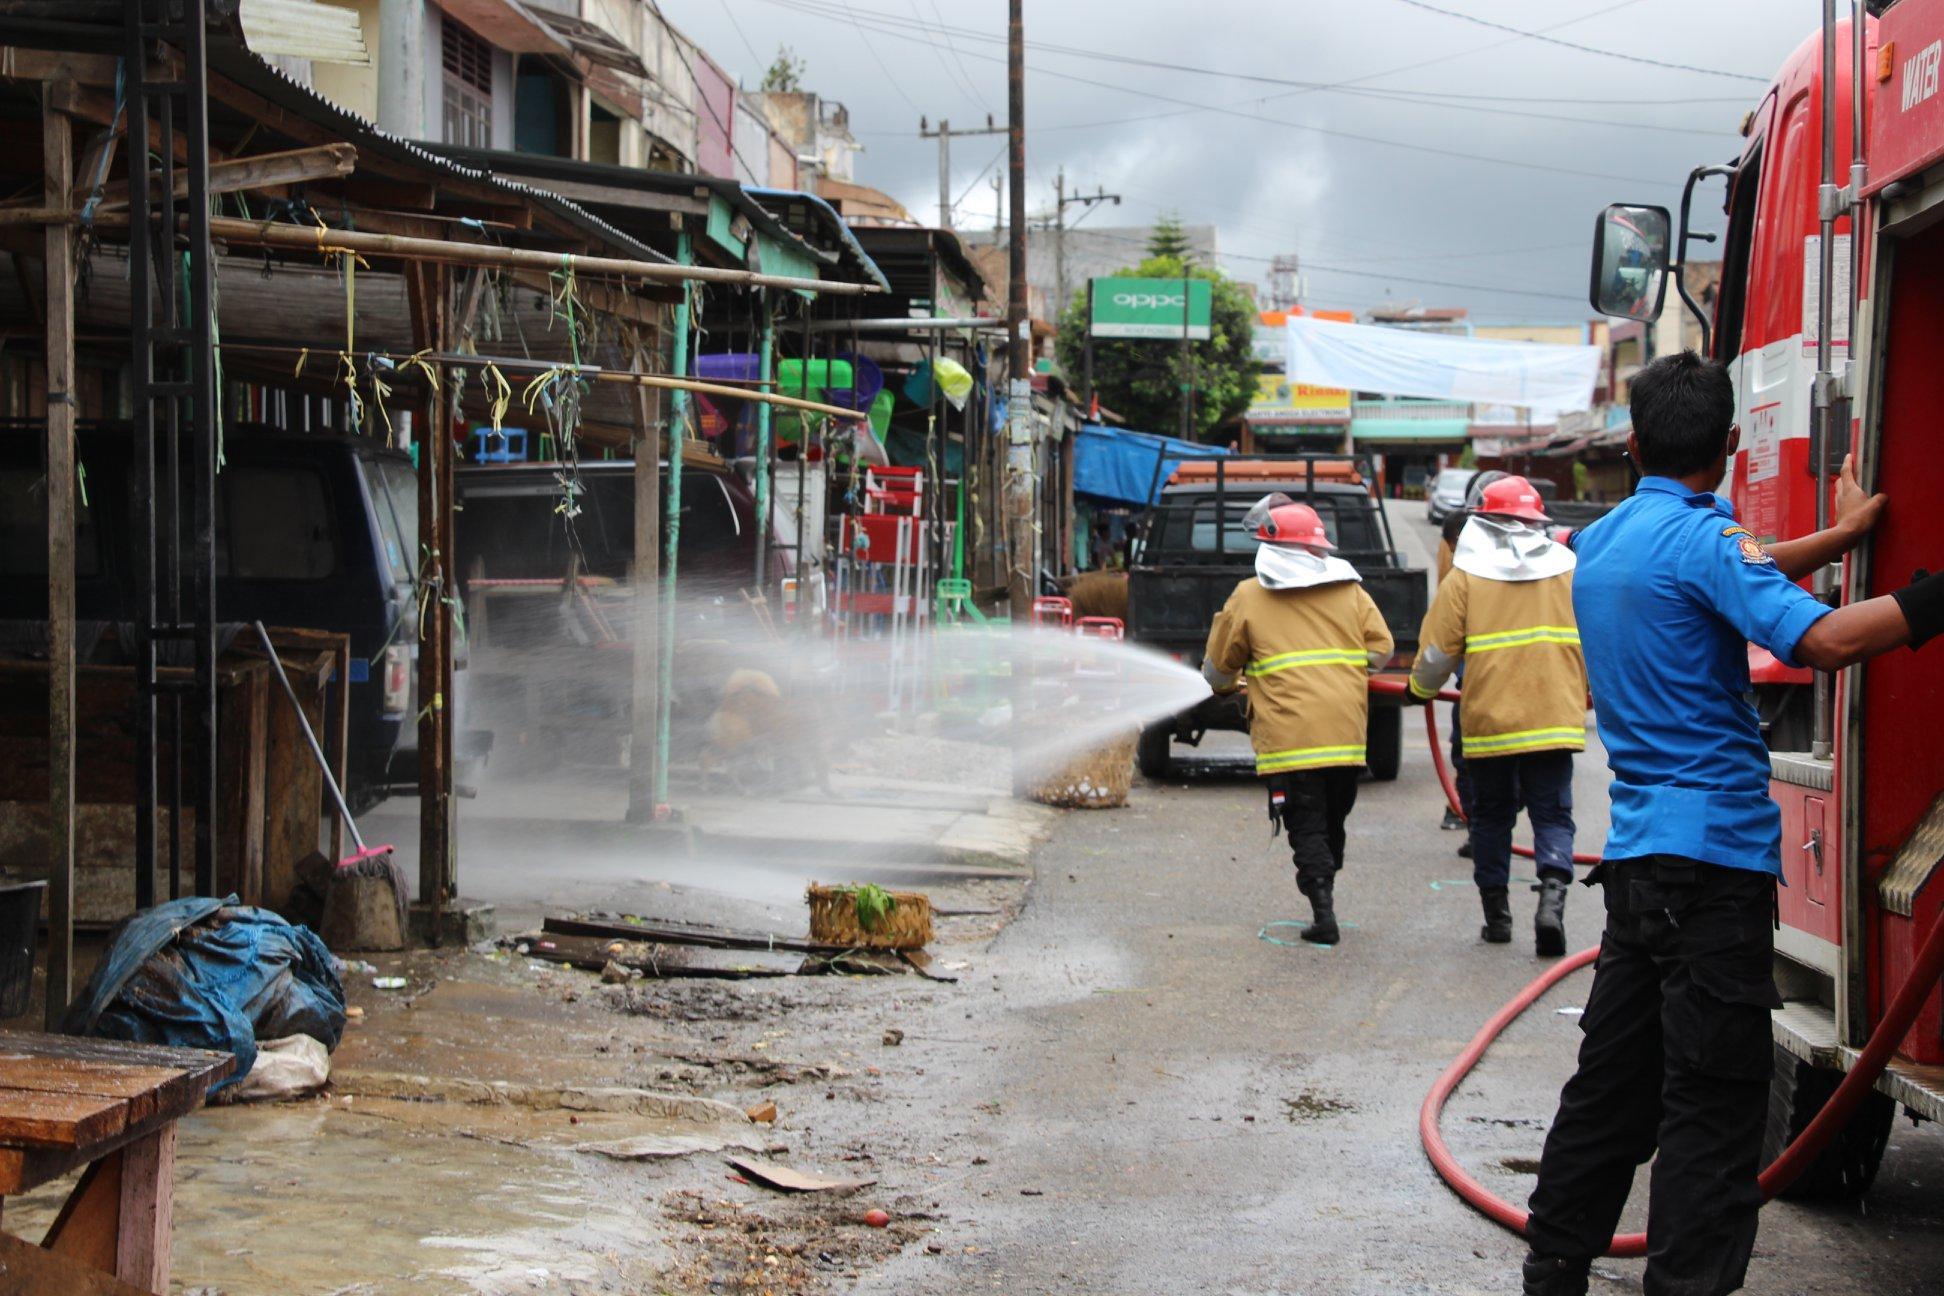 Bupati Humbang Hasundutan Dosmar Banjarnahor, SE pimpin penyemprotan disinfektan sekitar Pasar Doloksanggul